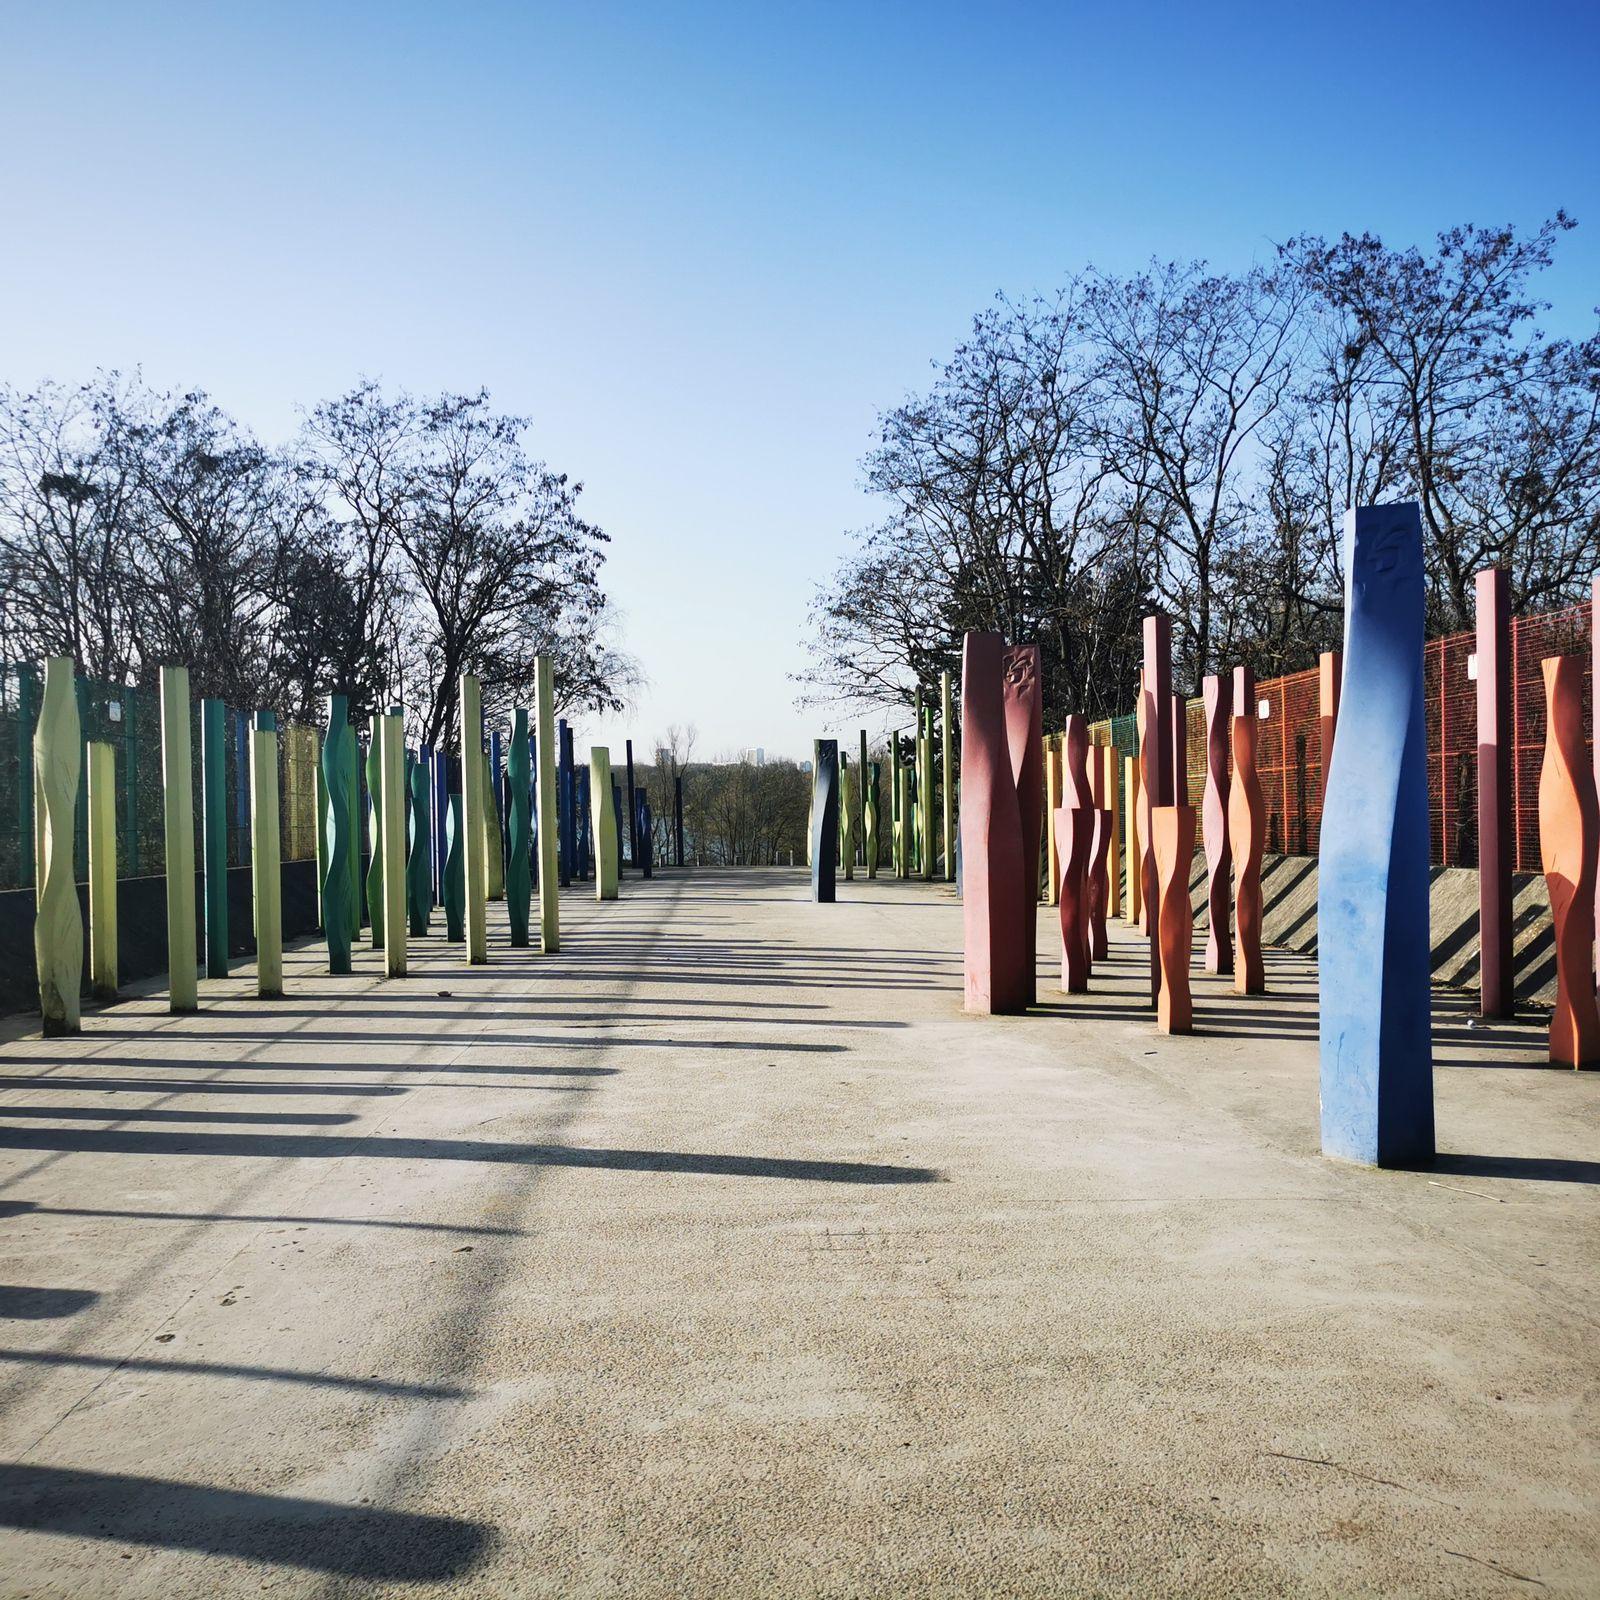 Parc Georges-valbon en Seine-Saint-denis